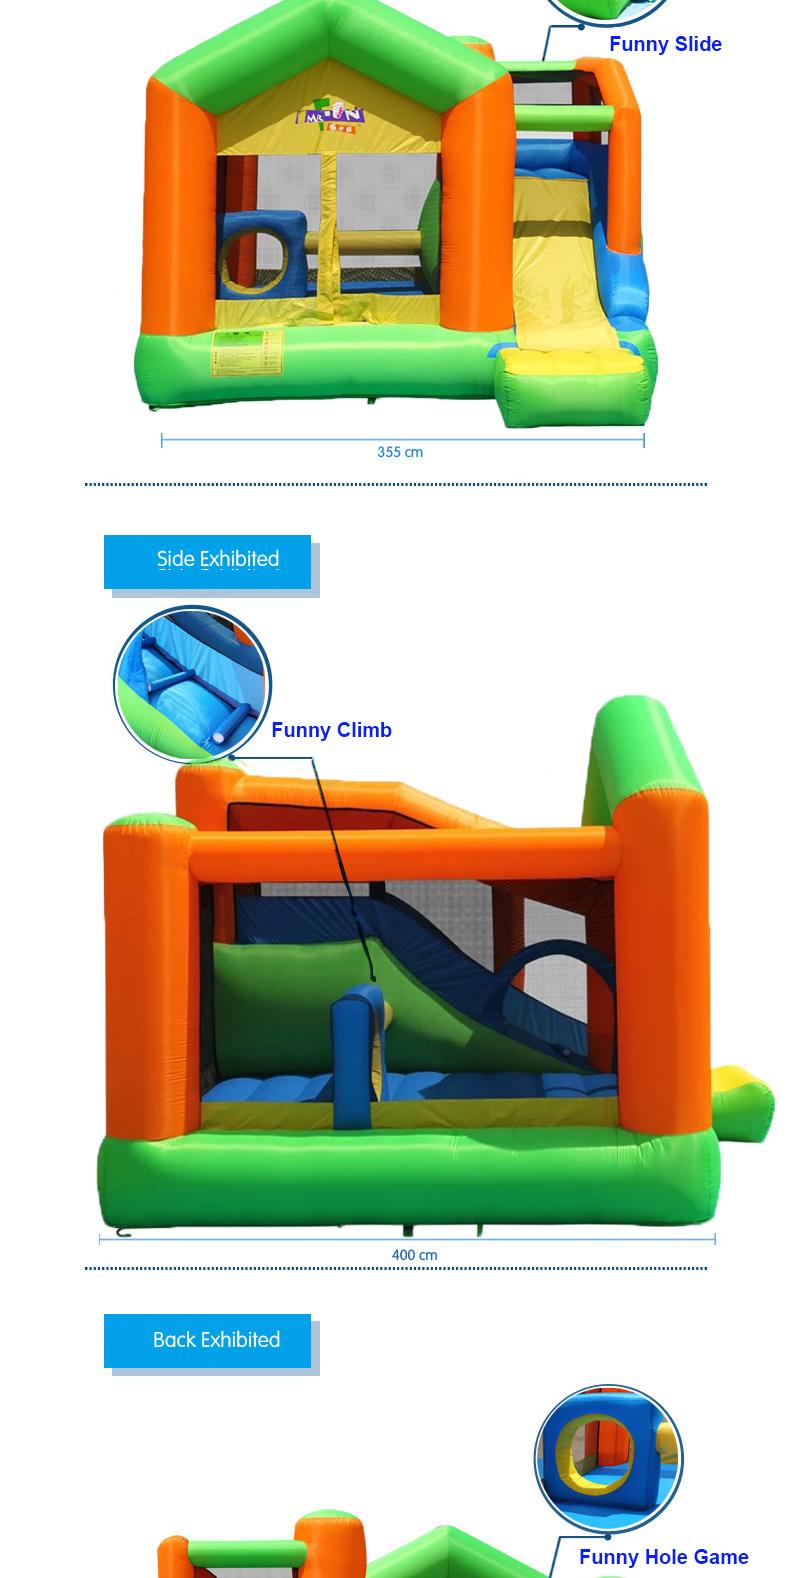 HTB1Xa dPFXXXXXoaFXXq6xXFXXXs - Mr. Fun Inflatable Trampoline Bounce House with Slide with Blower